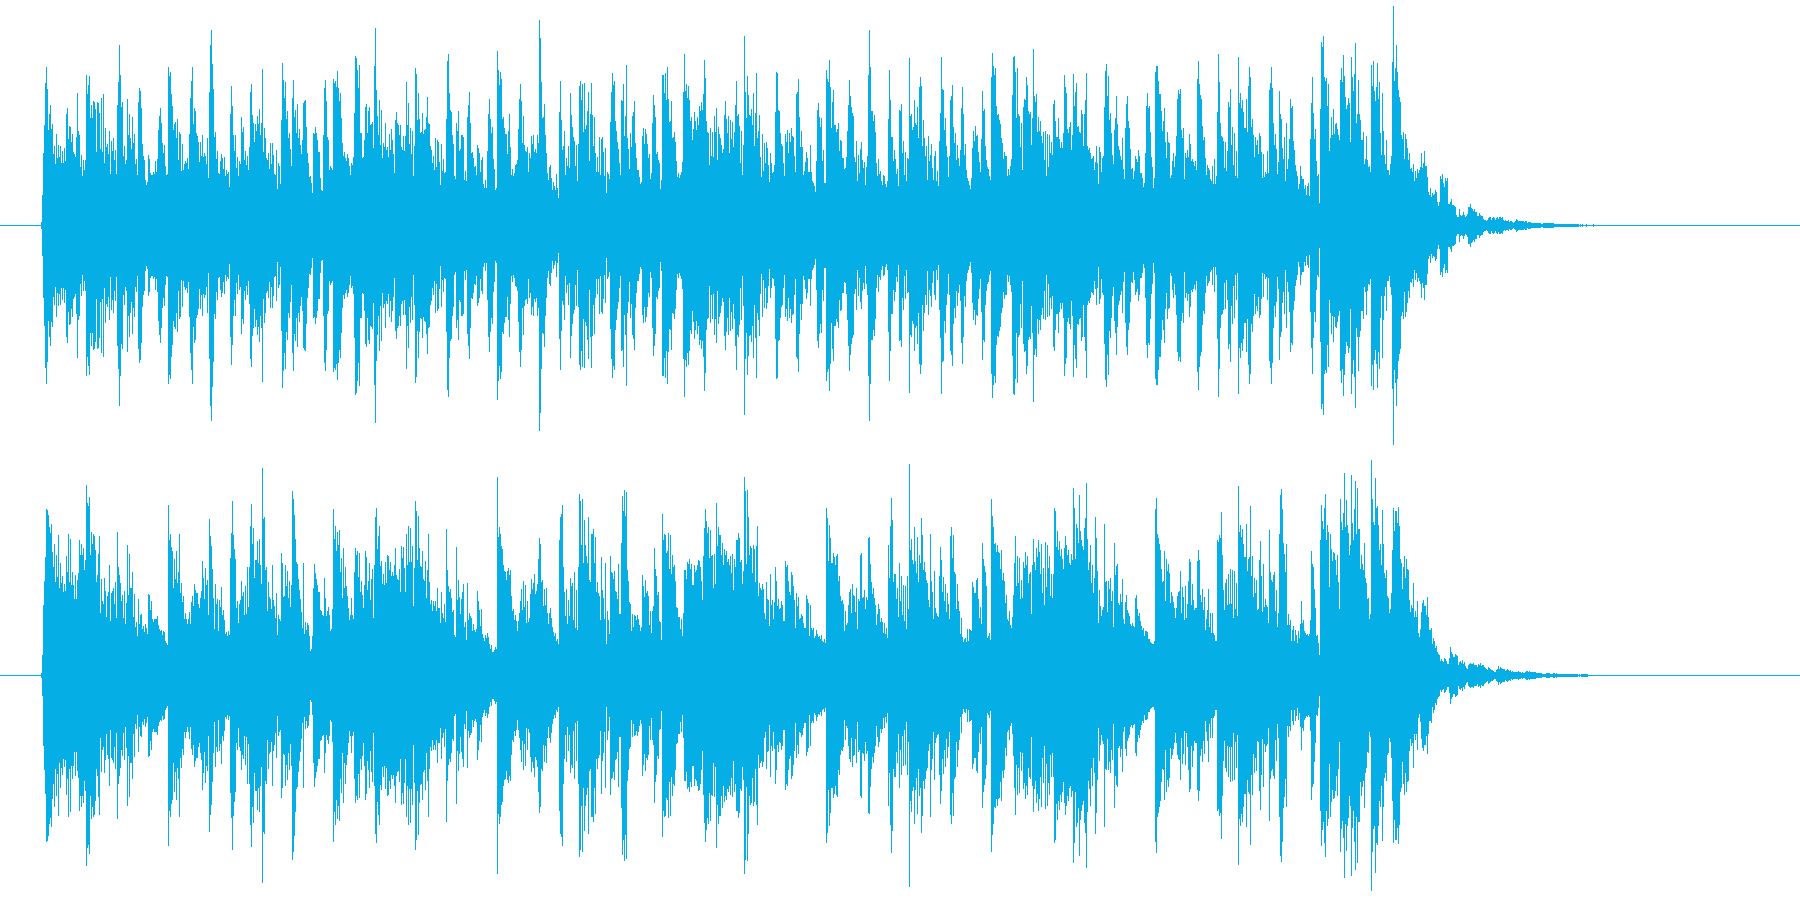 キラキラとリズミカルなポップスの再生済みの波形